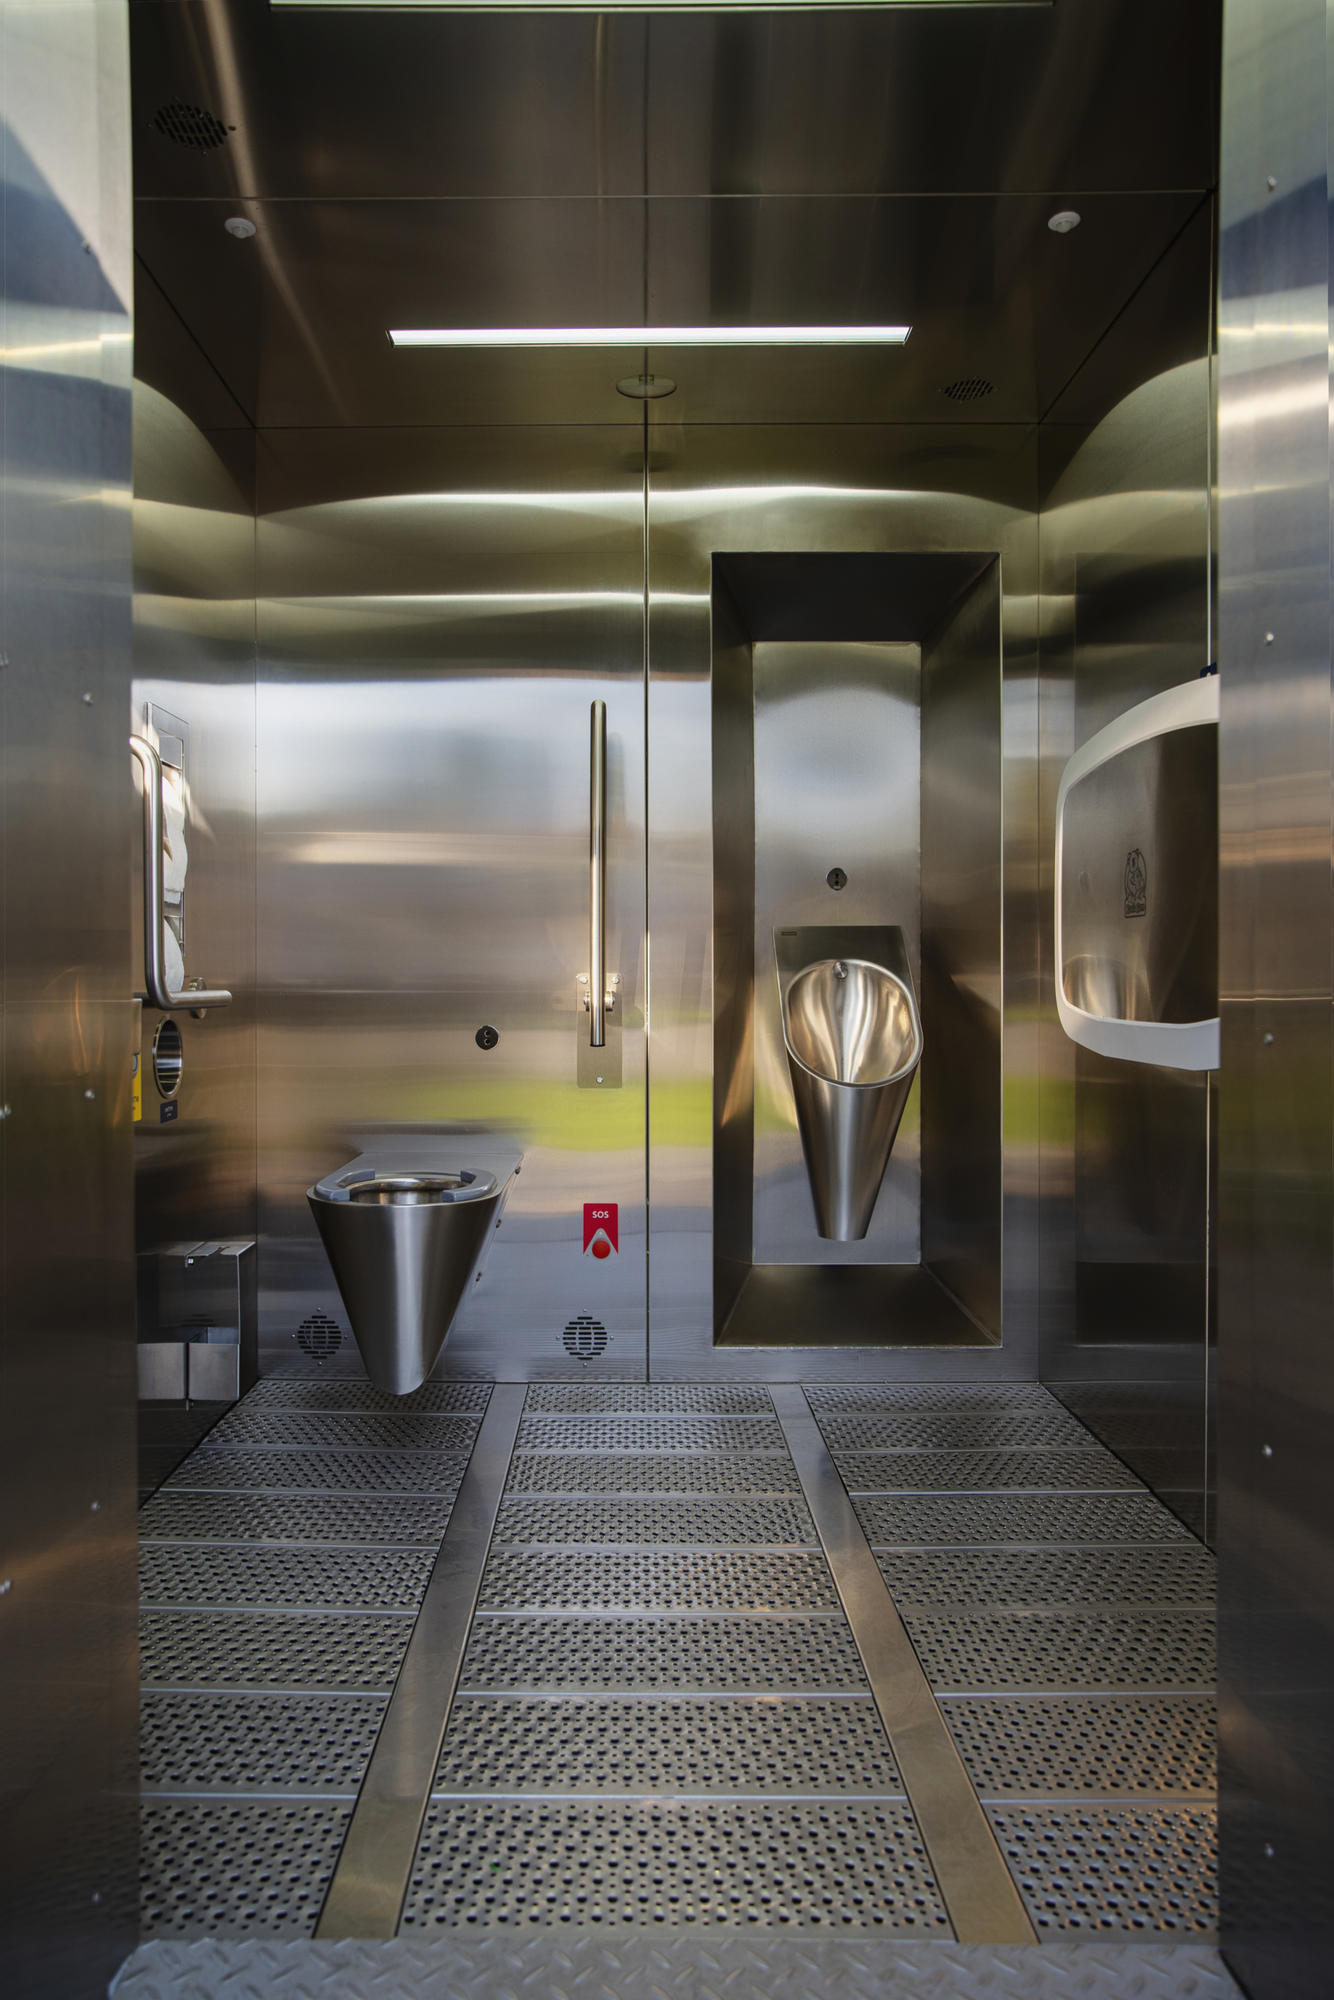 В Бахмуті хочуть встановити сучасний громадський туалет за 3,2 млн грн